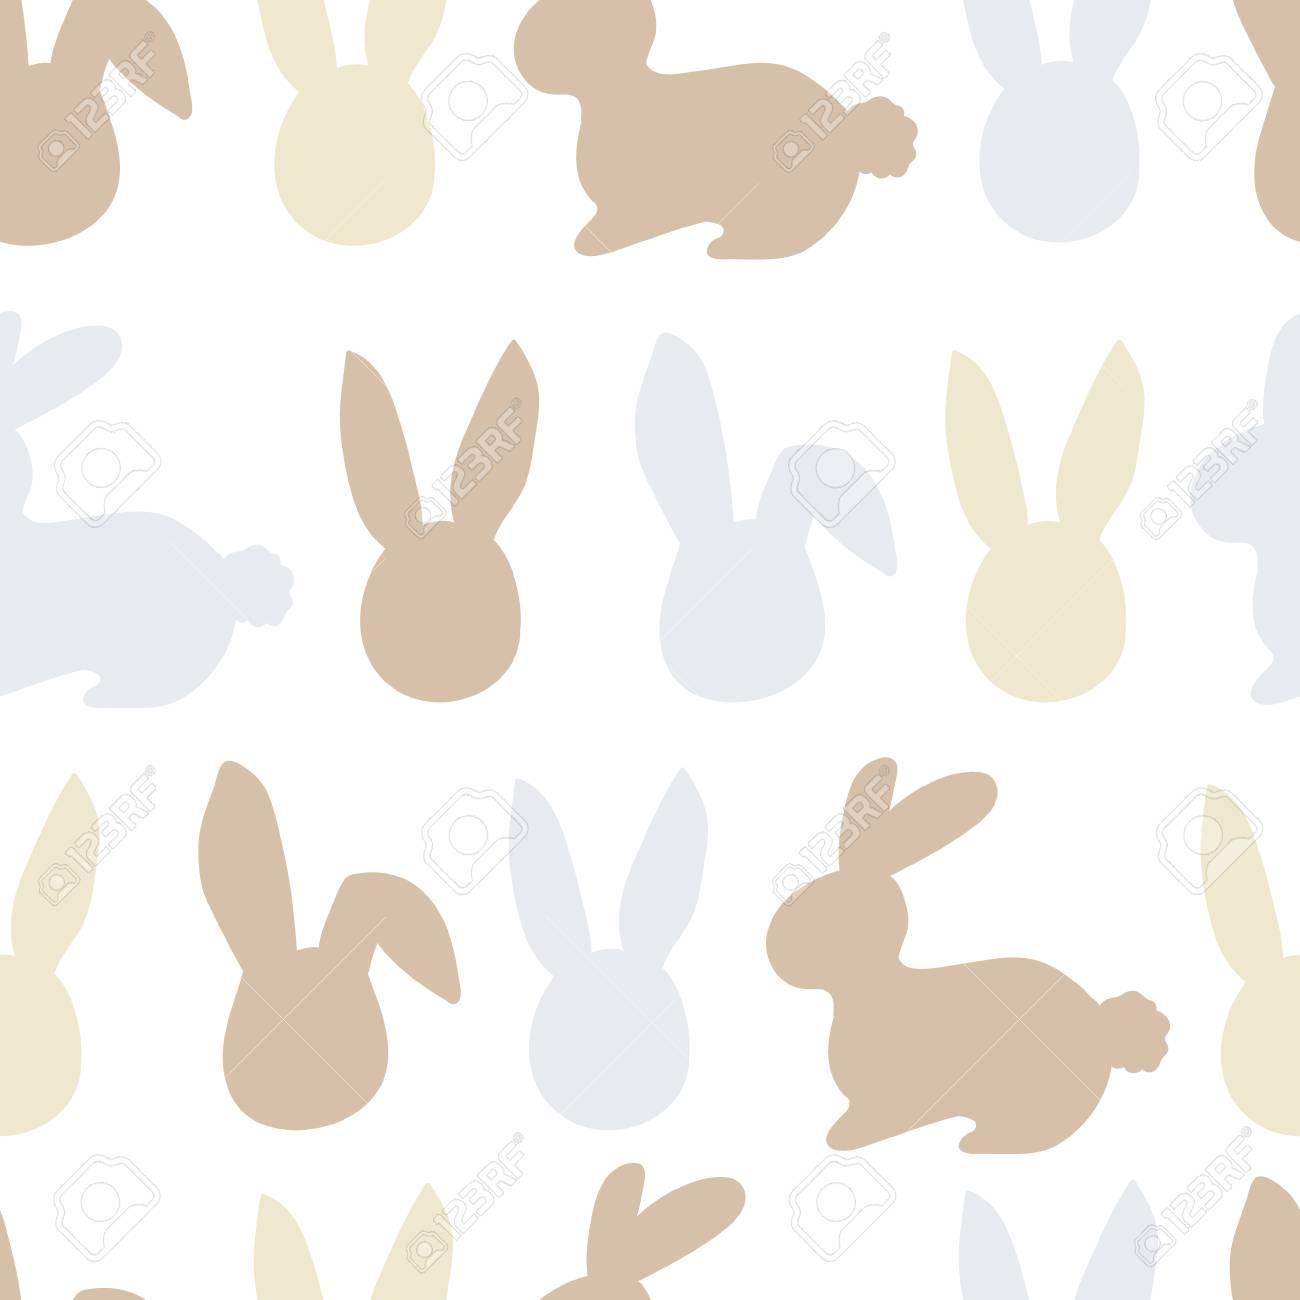 Happy easter bunny pattern. Egg hunt vector illustration for flyer, design, scrapbooking, poster, banner, web element - 97417975